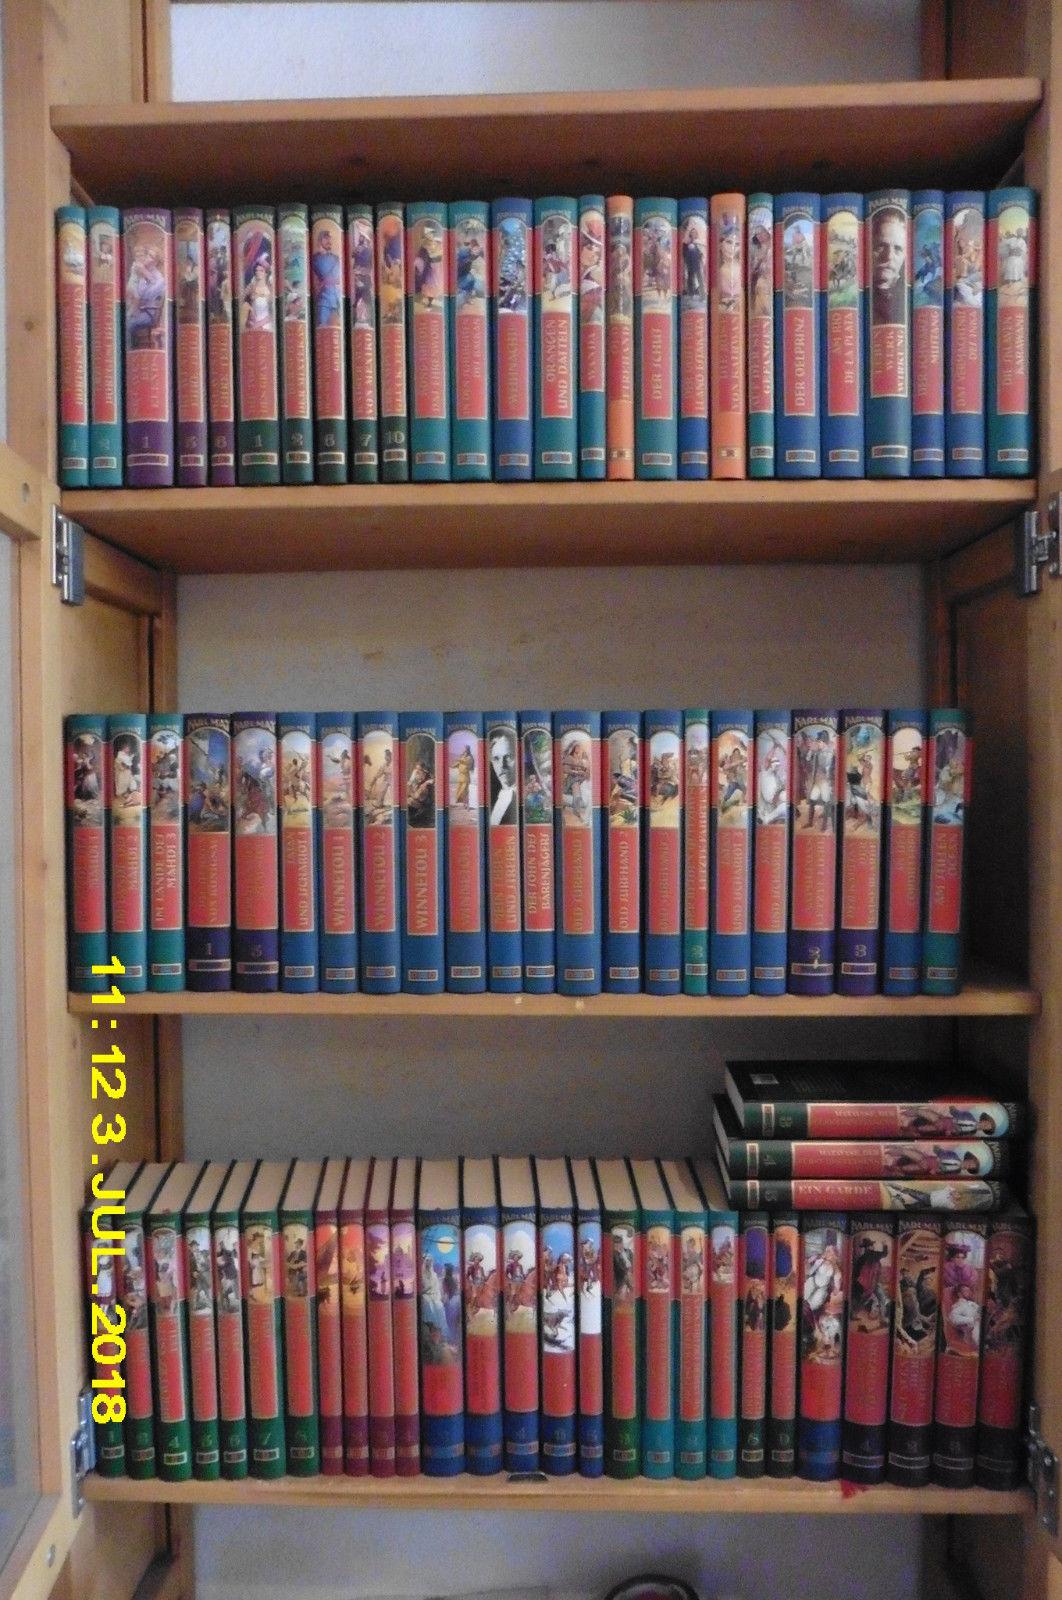 78 Bde Karl May, Gesammelte Werke, Weltbild Verlag